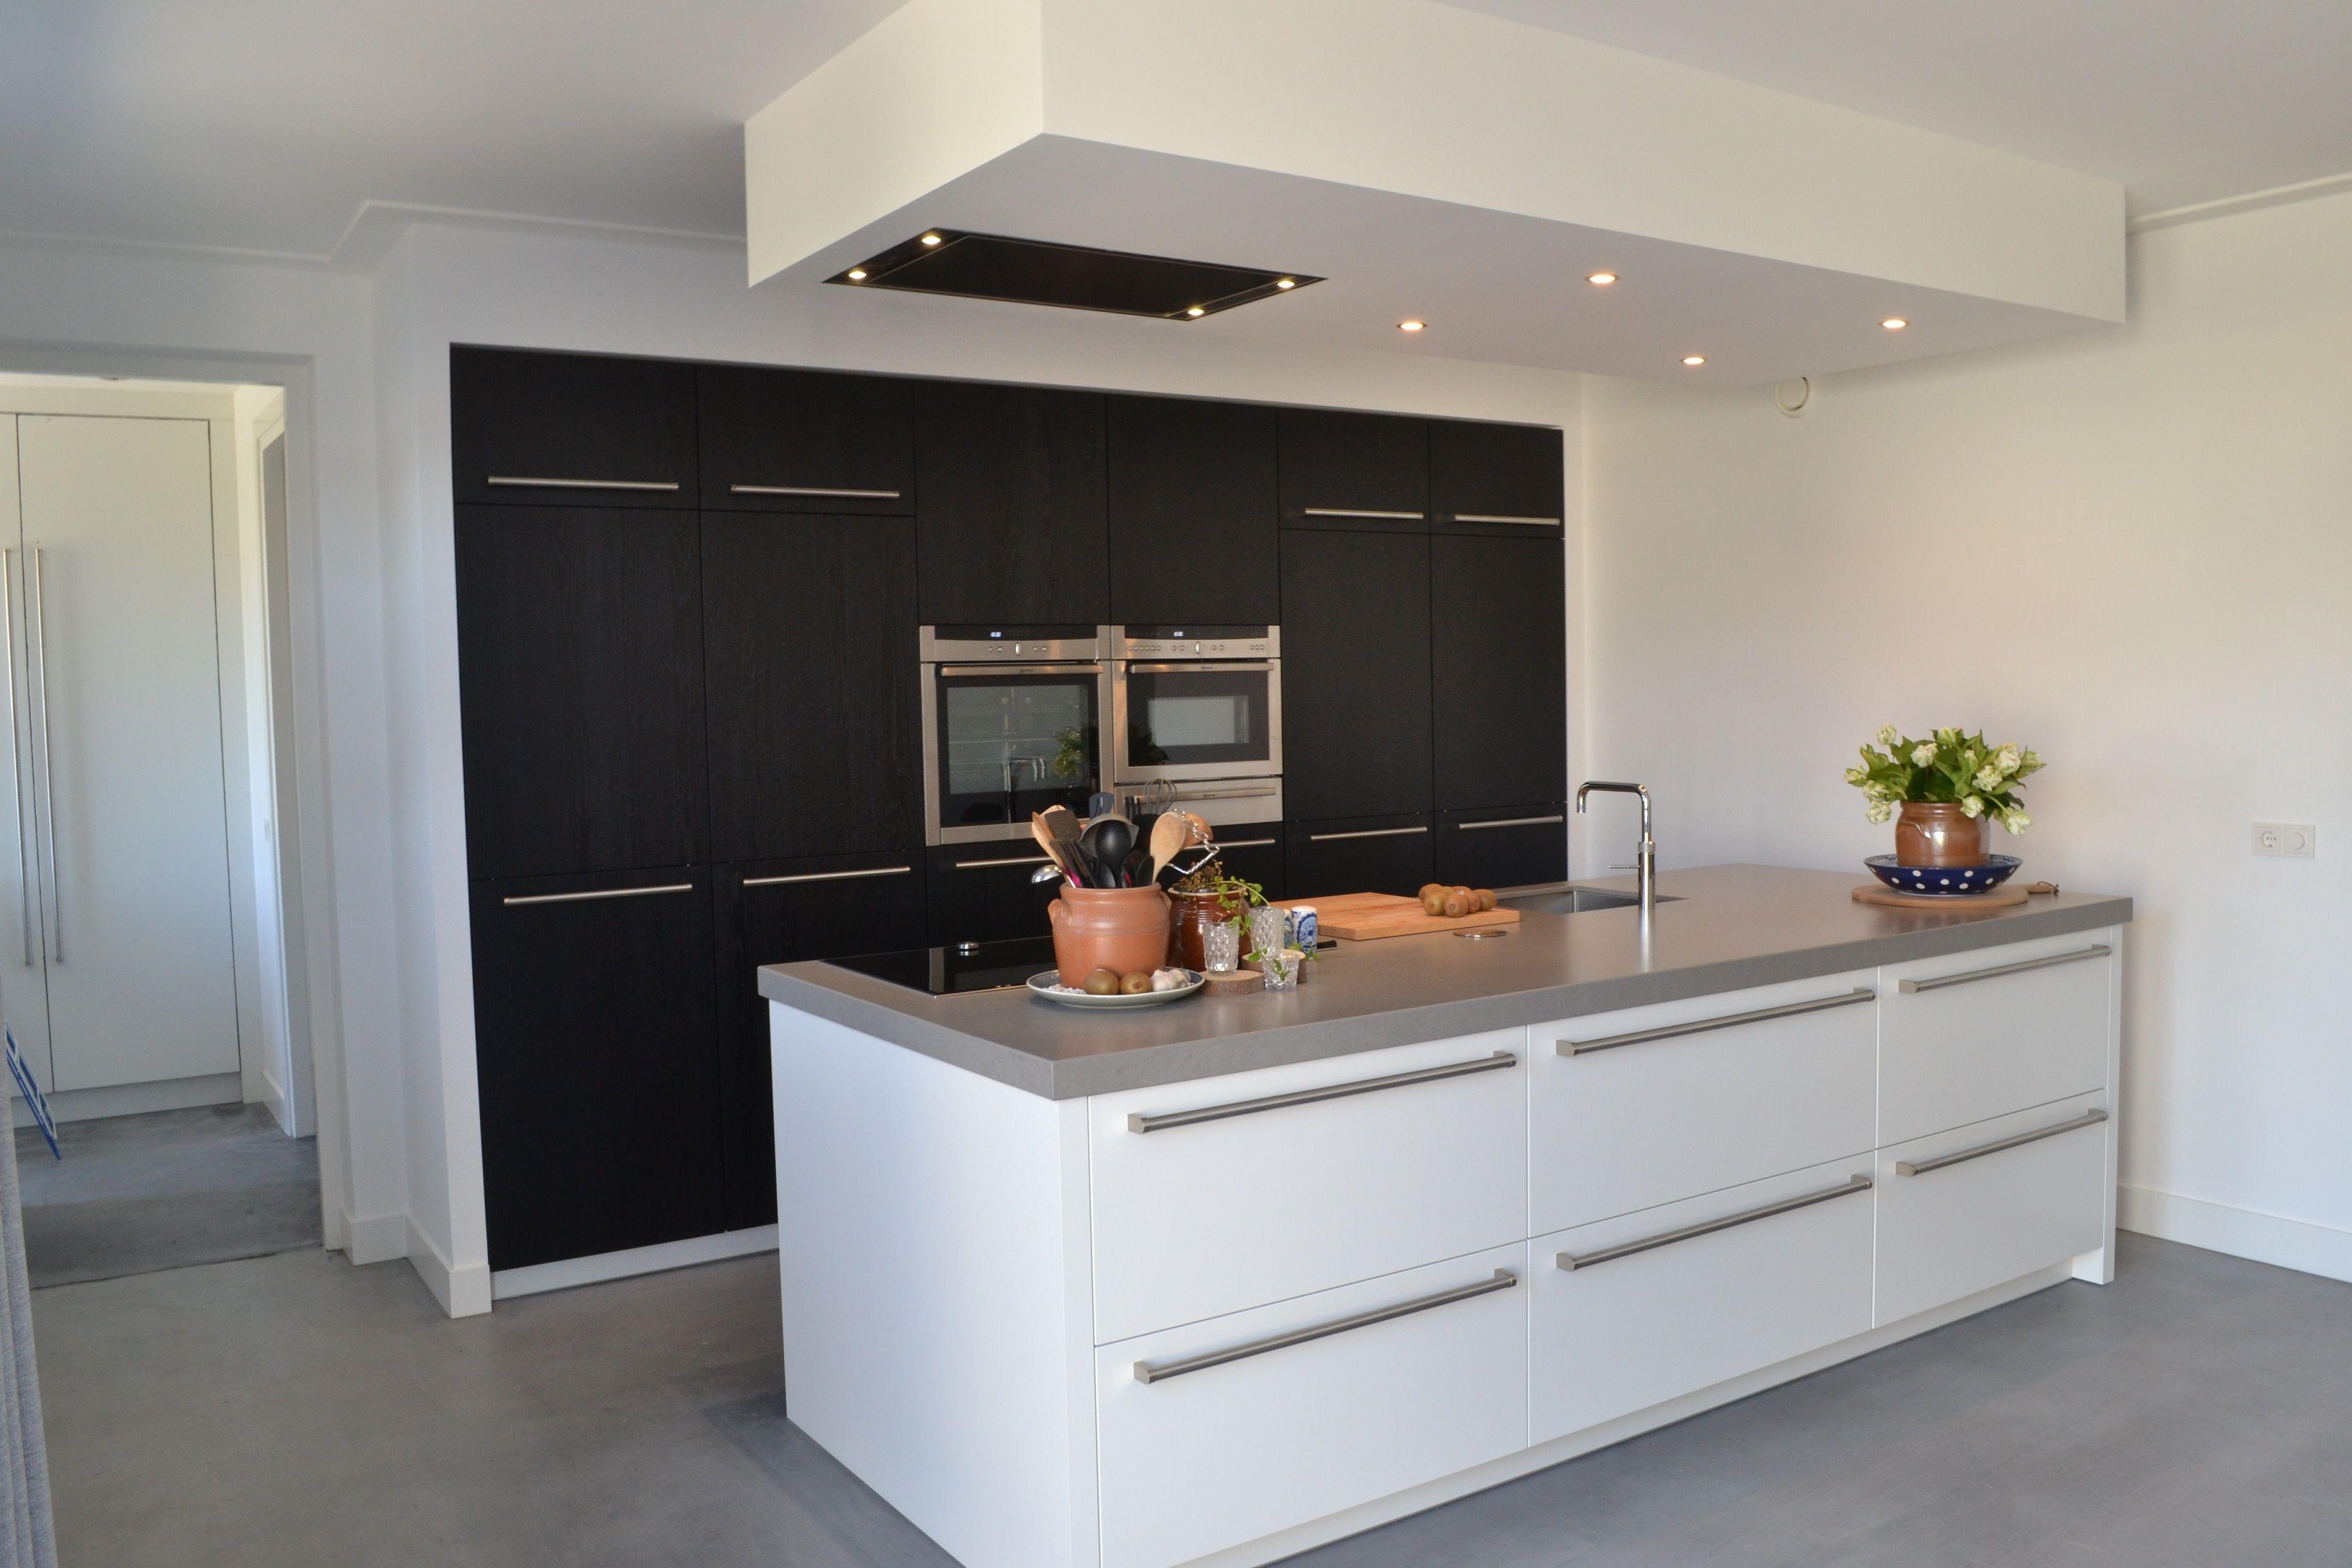 Wit gelakt keukeneiland met zwart geborsteld eiken kastenwand en